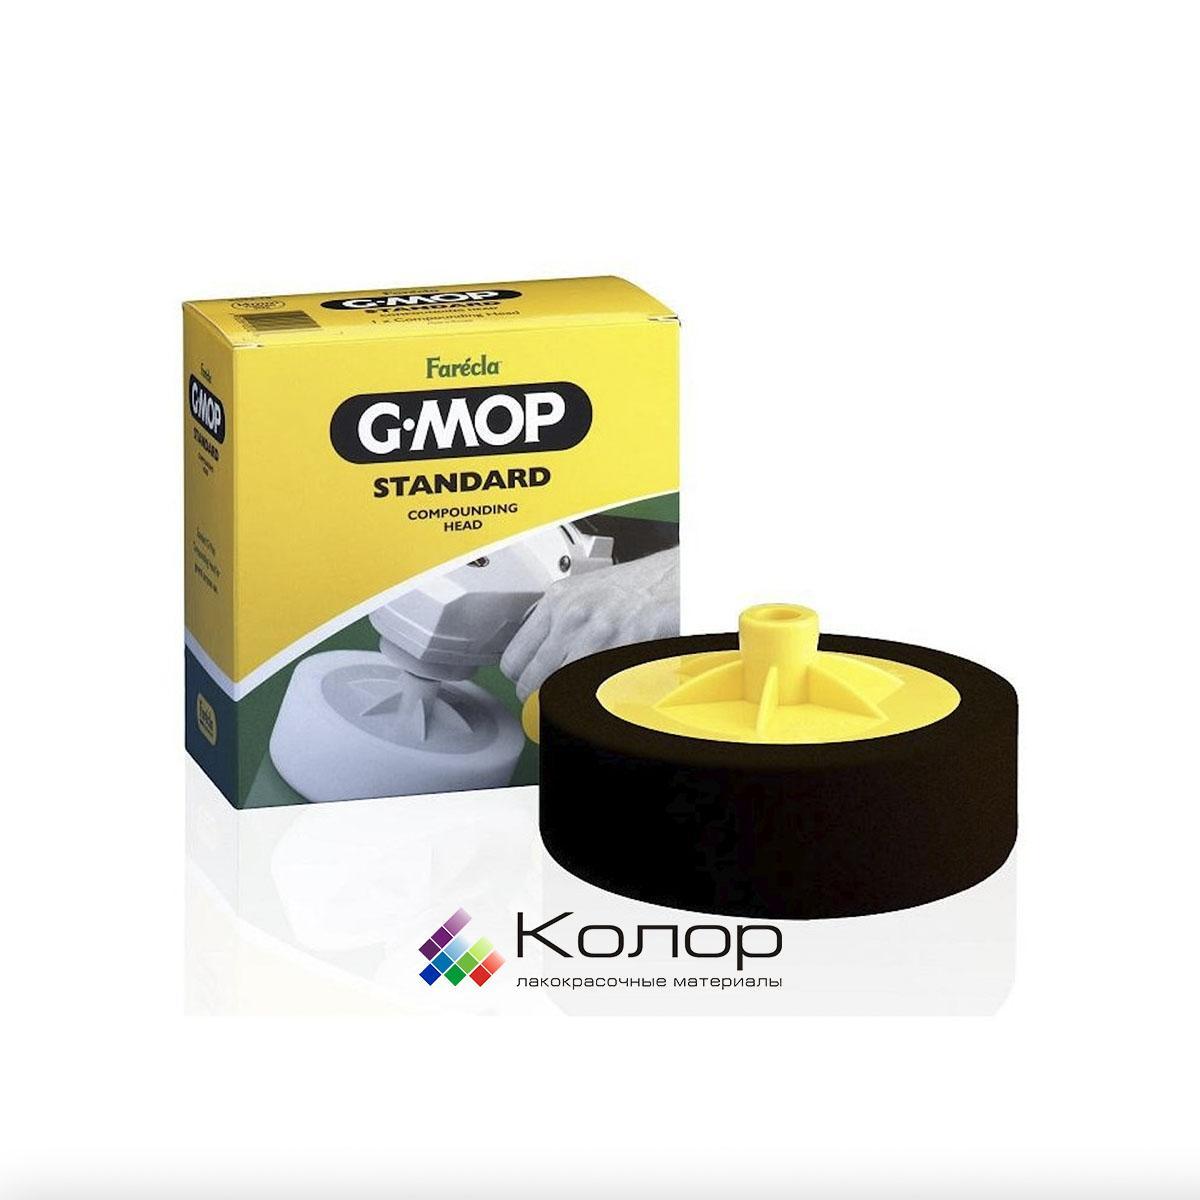 Полировальный круг farecla black / черный m14/d150/h 50 g-mop